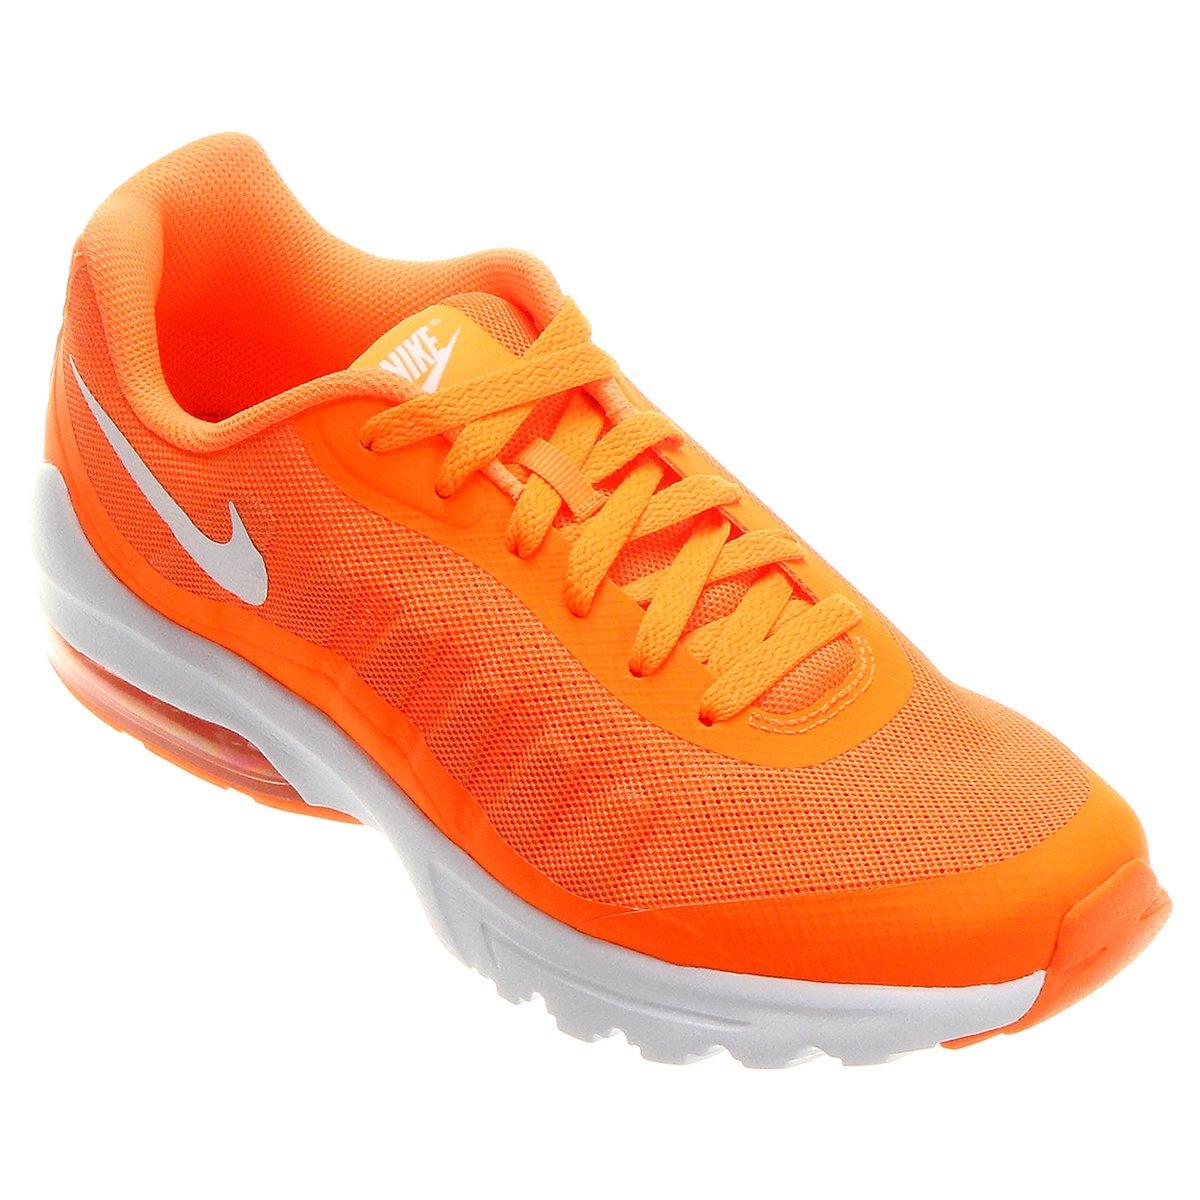 super popular d8371 e7b70 Tênis Nike Air Max Invigor Masculino - Laranja e Branco - Compre Agora   Shop Timão